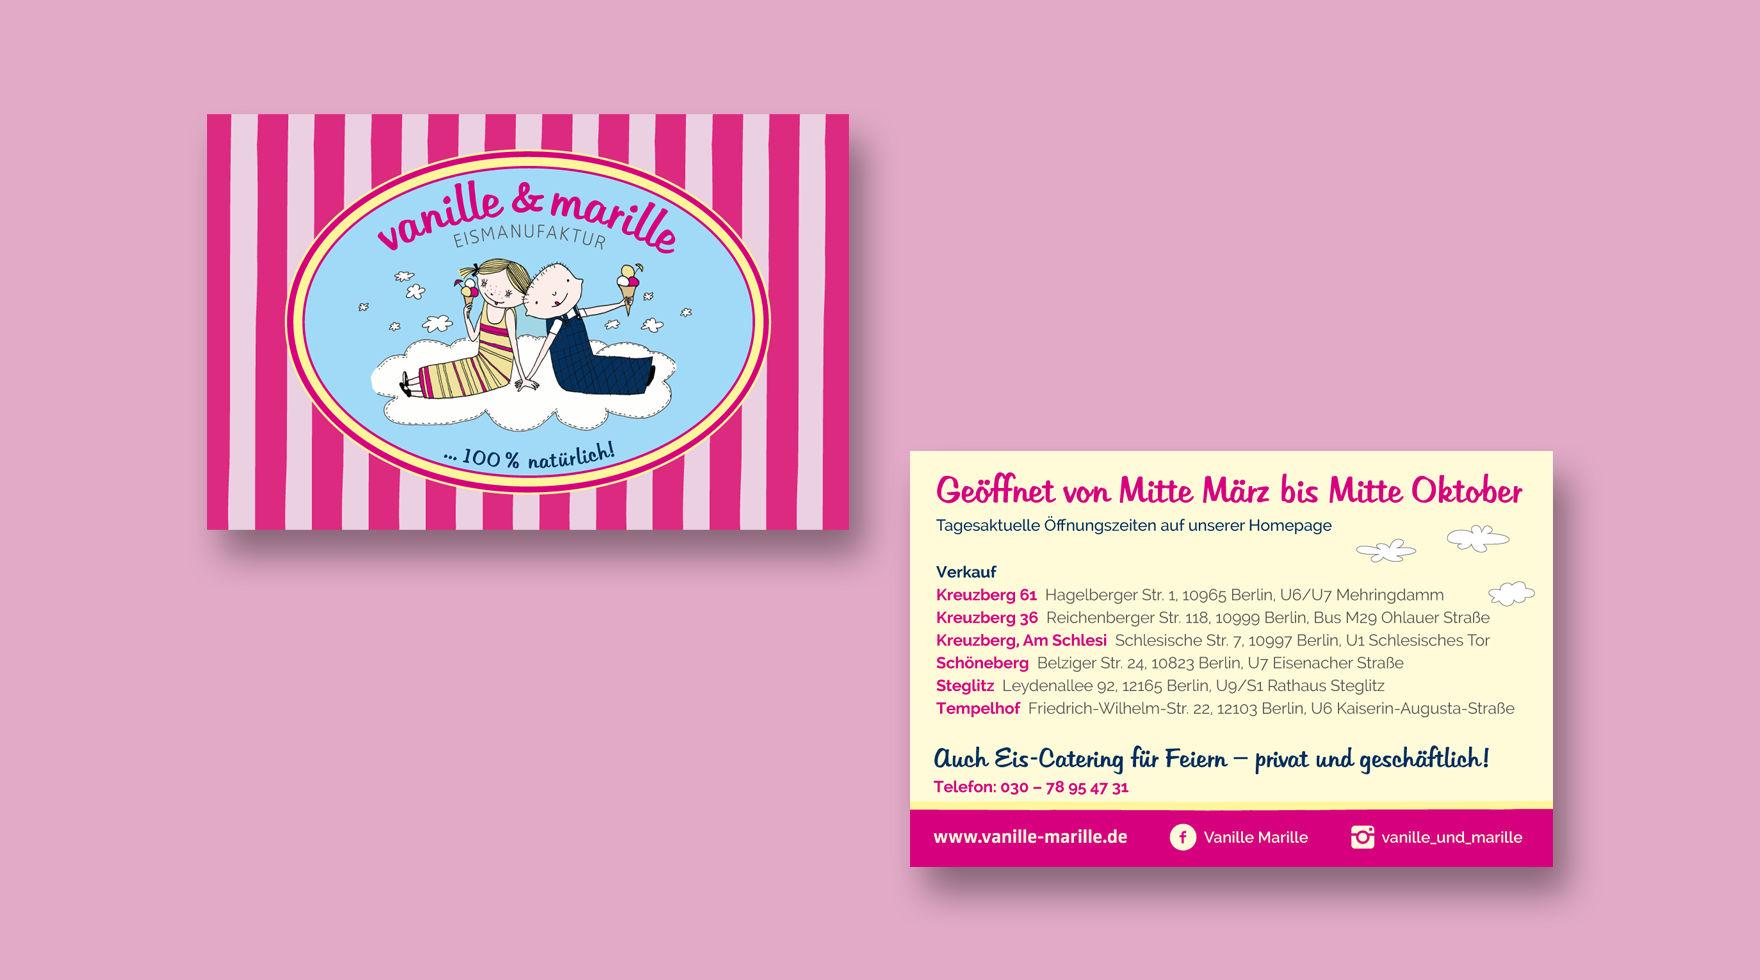 visitenkarten-vanille-marille-berlin-agentur